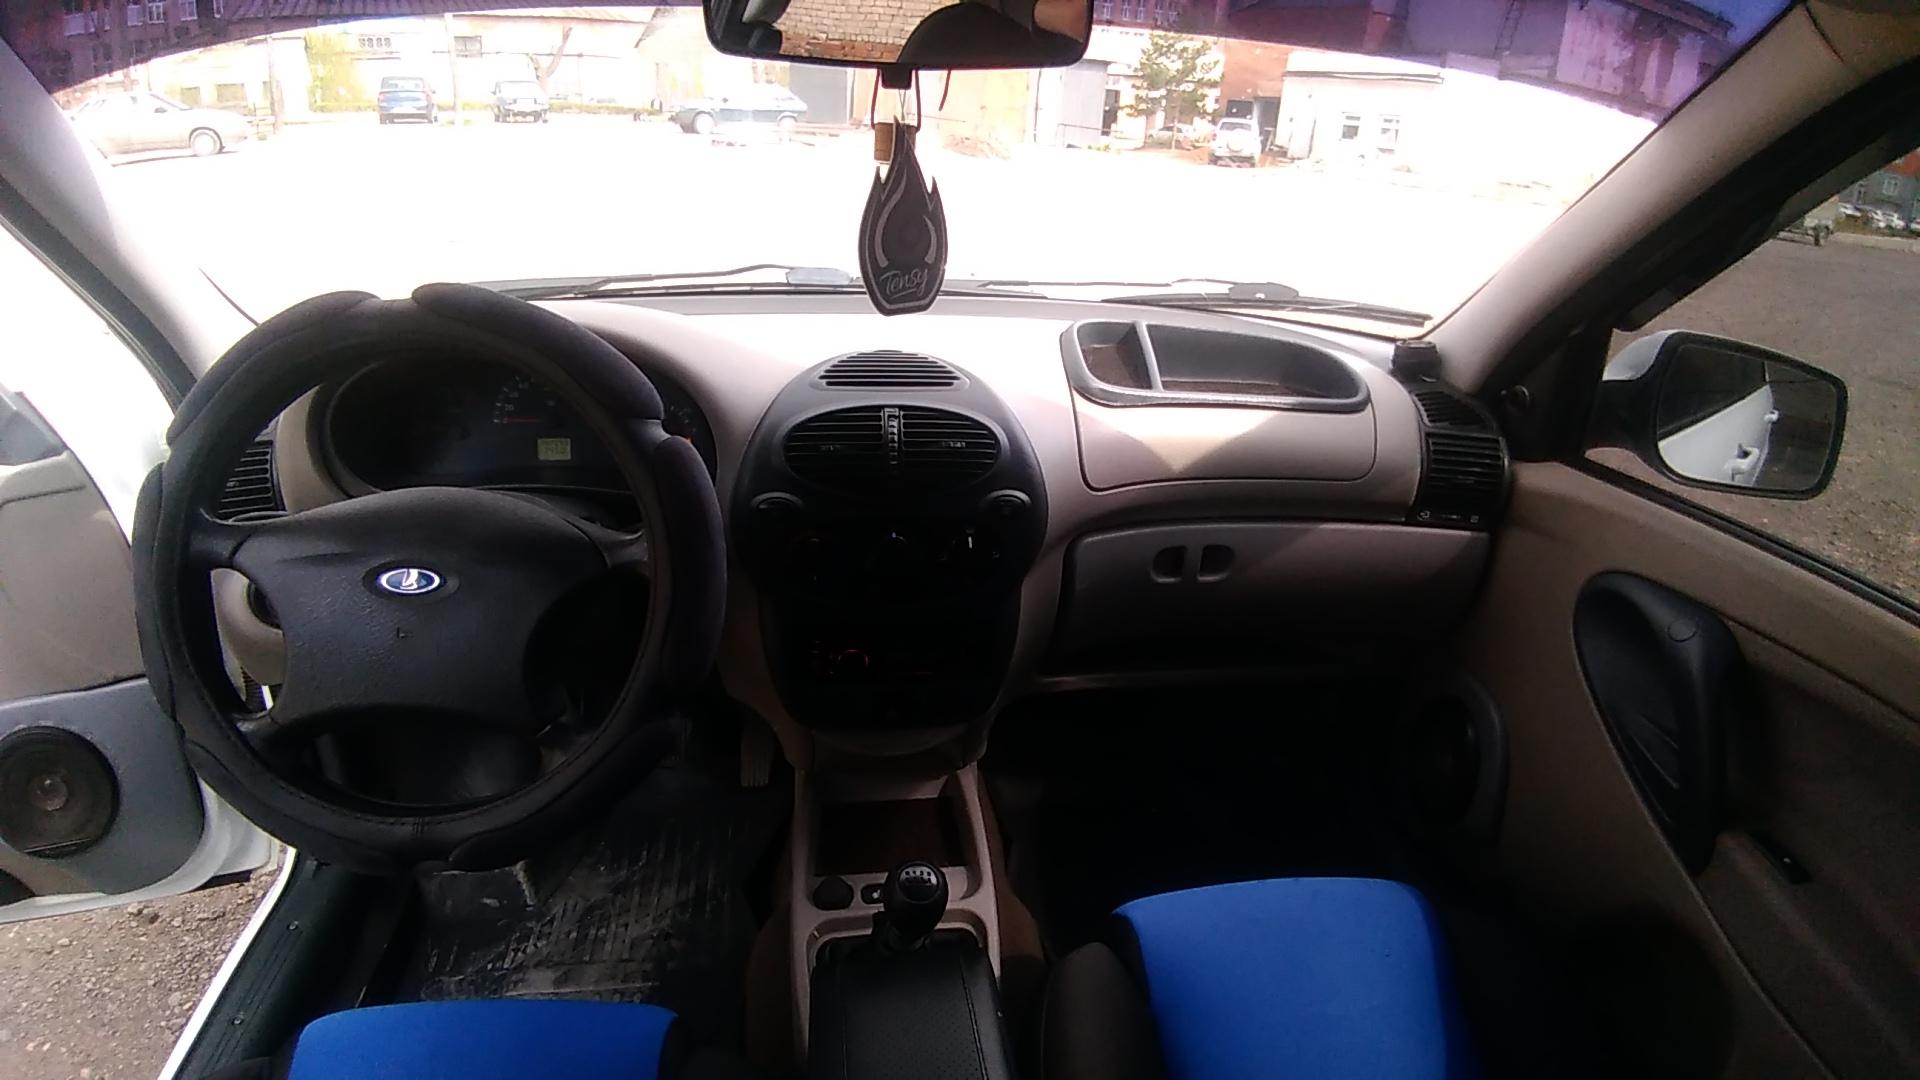 Купить авто в хорошем состоянии. 2011 | Объявления Орска и Новотроицка №4514